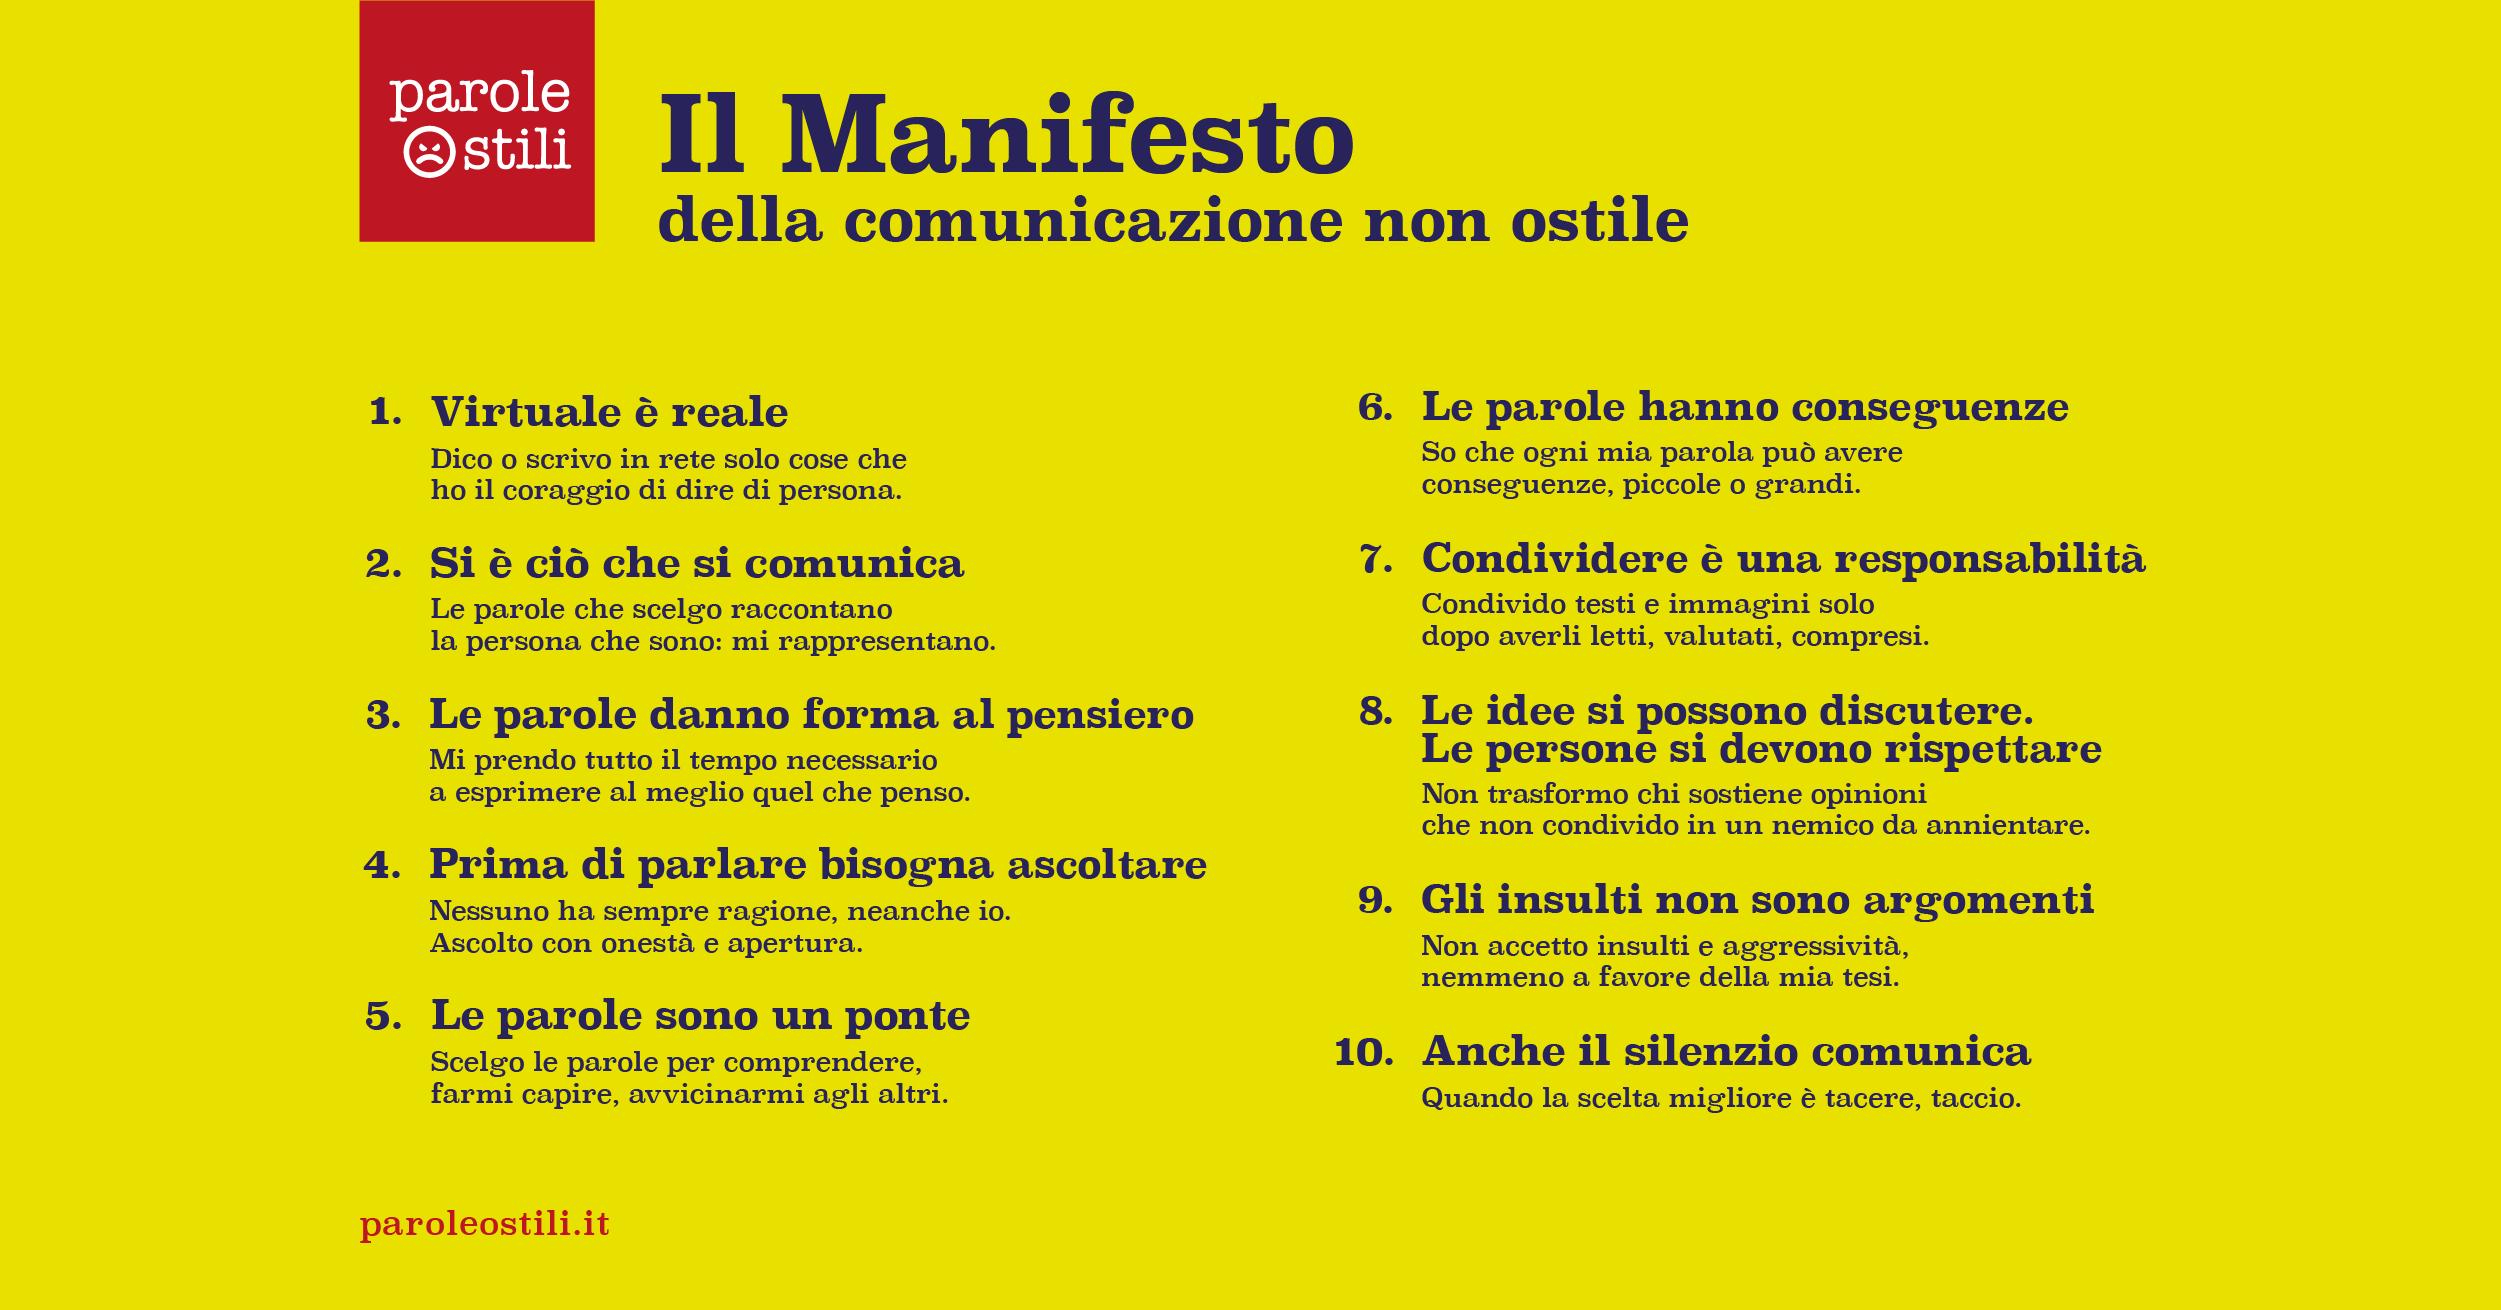 manifesto-delle-parole-non-ostili